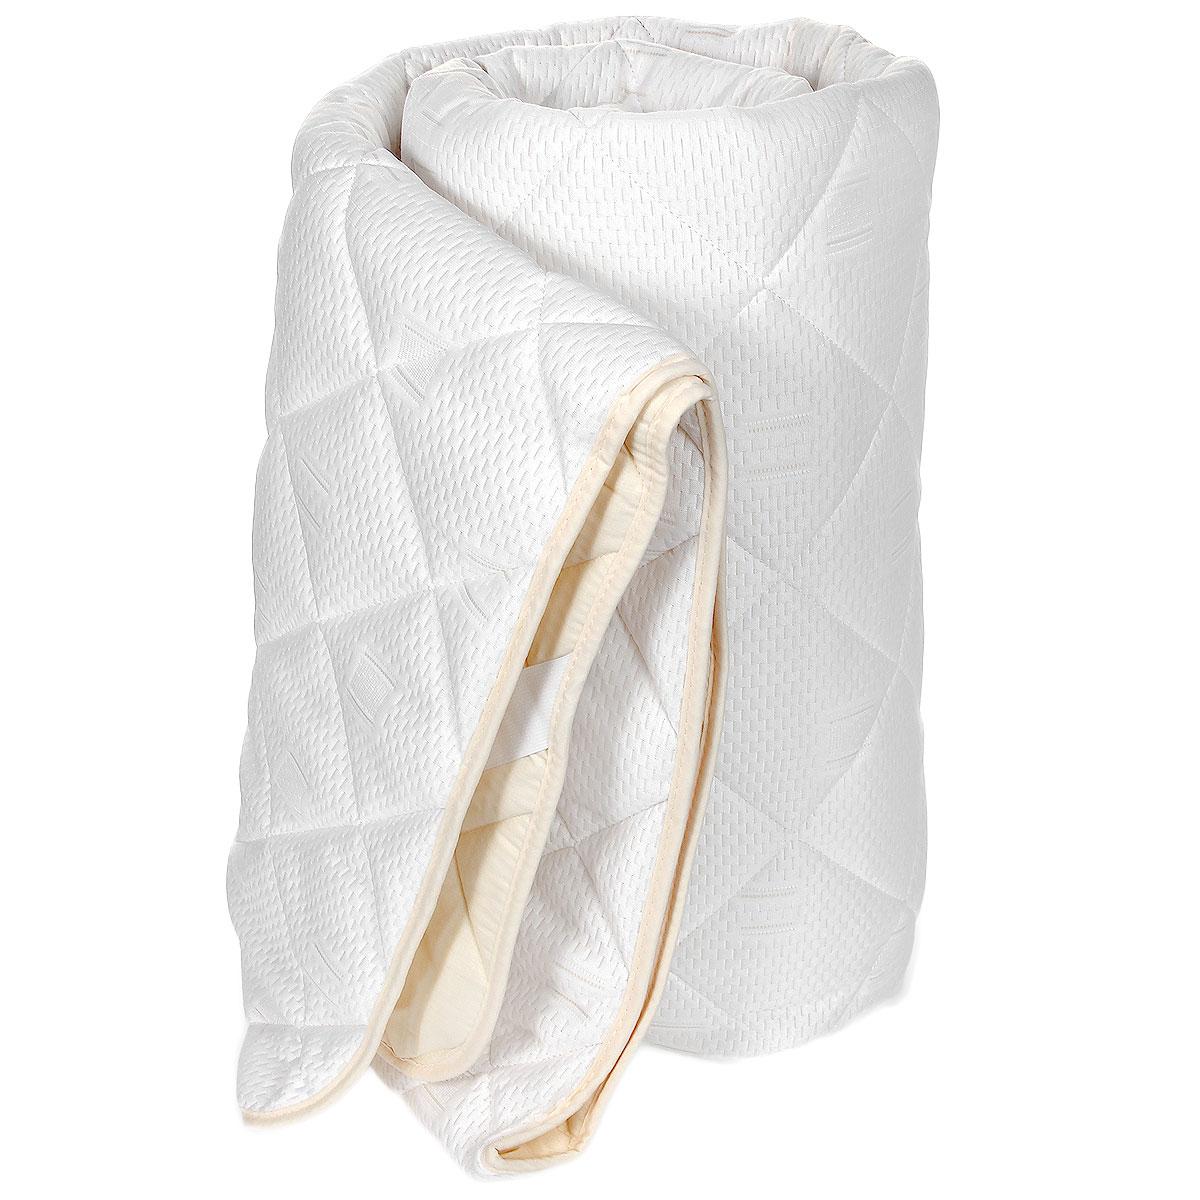 Наматрасник OL-Tex Бамбук, цвет: сливочный, 160 см х 200 смОБТ-160Наматрасник OL-Tex Бабмук с наполнителем из полиэфирного высокосиликонизированного микроволокна на основе бамбука сделает ваш сон еще комфортнее. Чехол выполнен из поликоттона сливочного цвета и оформлен декоративной стежкой в виде крупных ромбов, что обеспечивает равномерное распределение тепла. Изделие изготовлено из экологичных природных и нетоксичных материалов, обладает антисептическим эффектом, гигиенично и не вызывает аллергии. Наматрасник оснащен резинками по углам, поэтому прочно удерживается на матрасе и избавляет от необходимости часто поправлять. Это защитит матрас от грязи и пыли и придаст дополнительный комфорт вашему спальному месту. Мягкий и легкий, он прекрасно подойдет для жестких кроватей и диванов, делая ваш сон спокойным и приятным. Легко стирается.Бамбуковое волокно - это экологически чистая основа для создания наполнителя нового поколения, имеет естественные антибактериальные и дезодорирующие функции. Обладает прекрасной воздухопроницаемостью и впитывающими свойствами за счет пористой структуры бамбукового волокна. Не вызывает раздражений на коже человека, идеально подходит людям, страдающим аллергией и астмой. Обладает замечательной вентилирующей способностью и отличается высоким показателем чистоты. Природные свойства бамбука препятствуют проникновению бактерий и образованию запахов. Отлично переносит многократные циклы стирок и сушек. Наматрасник упакован в прозрачный пластиковый чехол на змейке с ручками, что является чрезвычайно удобным при переноске.Рекомендации по уходу: - Стирка в теплой воде (температура до 30°С), - Нельзя отбеливать. При стирке не использовать средства, содержащие отбеливатели (хлор), - Сушить вертикально без отжима,- Не гладить. Не применять обработку паром, - Нельзя выжимать и сушить в стиральной машине. Характеристики:Материал чехла: трикотажное полотно (бамбук/полиэстер), поликоттон (50% хлопок/50% полиэстер). Наполнитель: волокно на основе бамбука